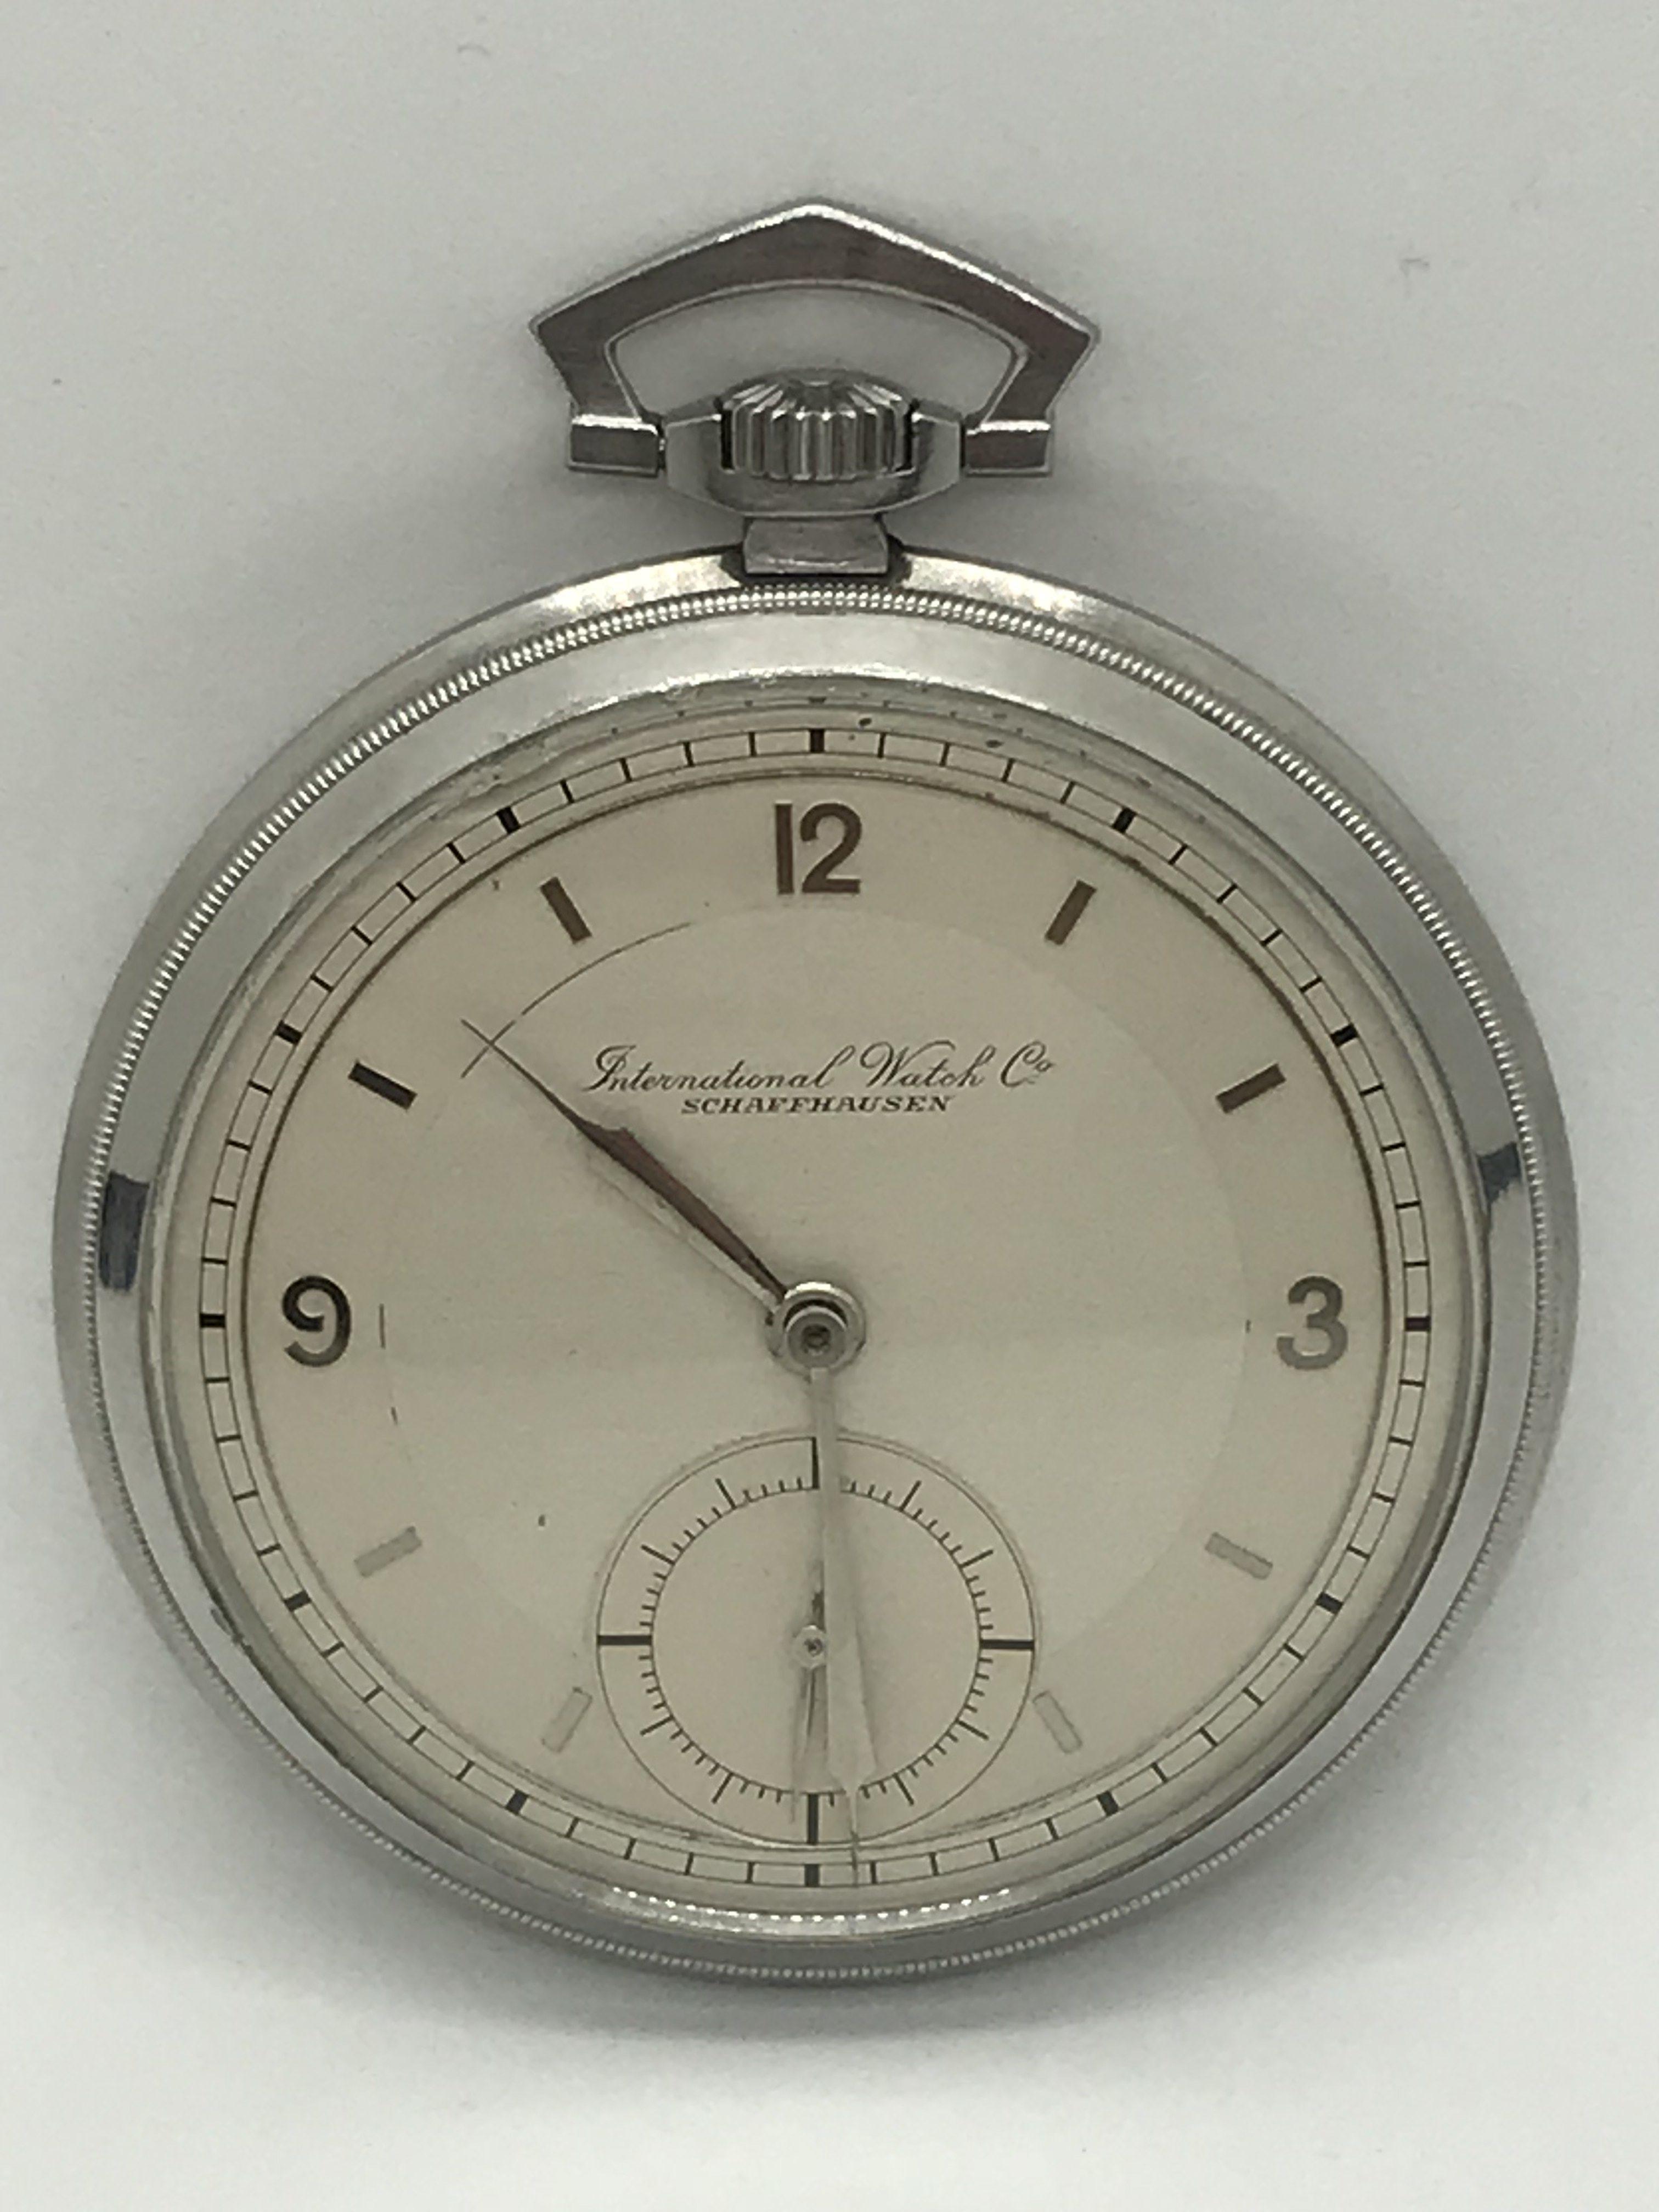 Domů Kapesní hodinky Starožitné 1 plášťové ocelové hodinky IWC. Previous 229c439e94